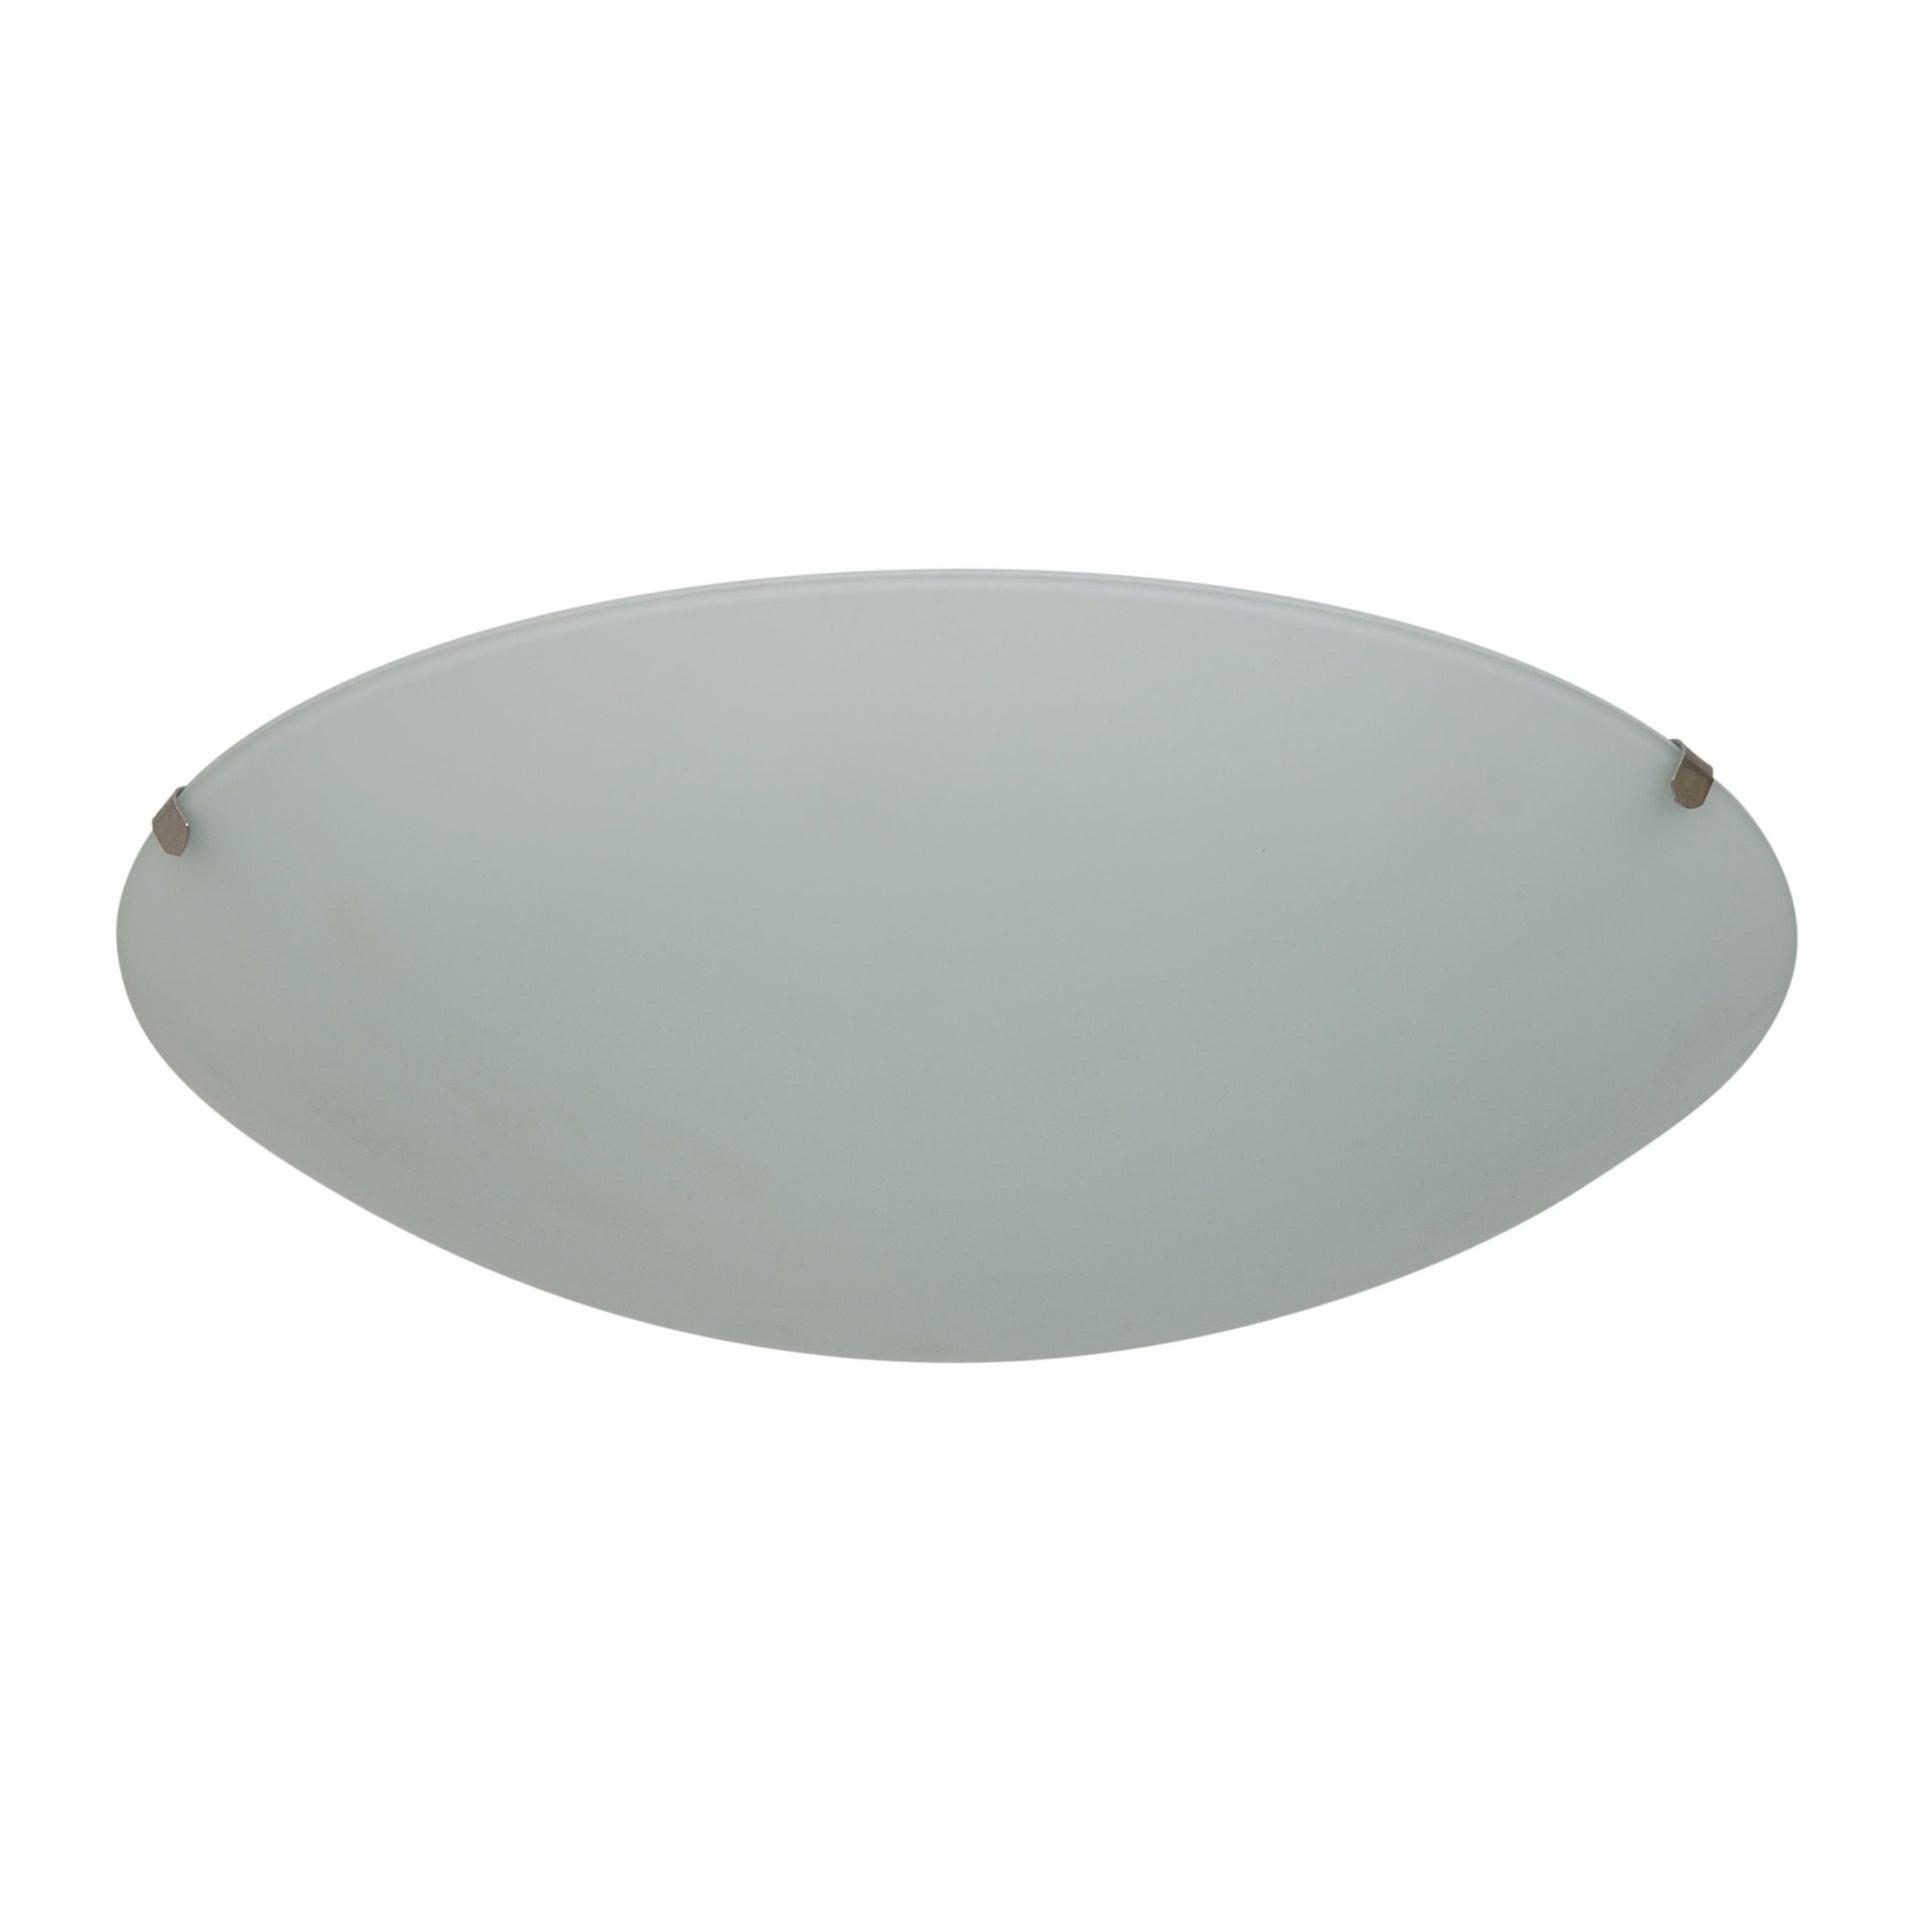 Plafoniera classico Pluton bianco, in cristallo, D. 25 cm 25x25 cm, - 3